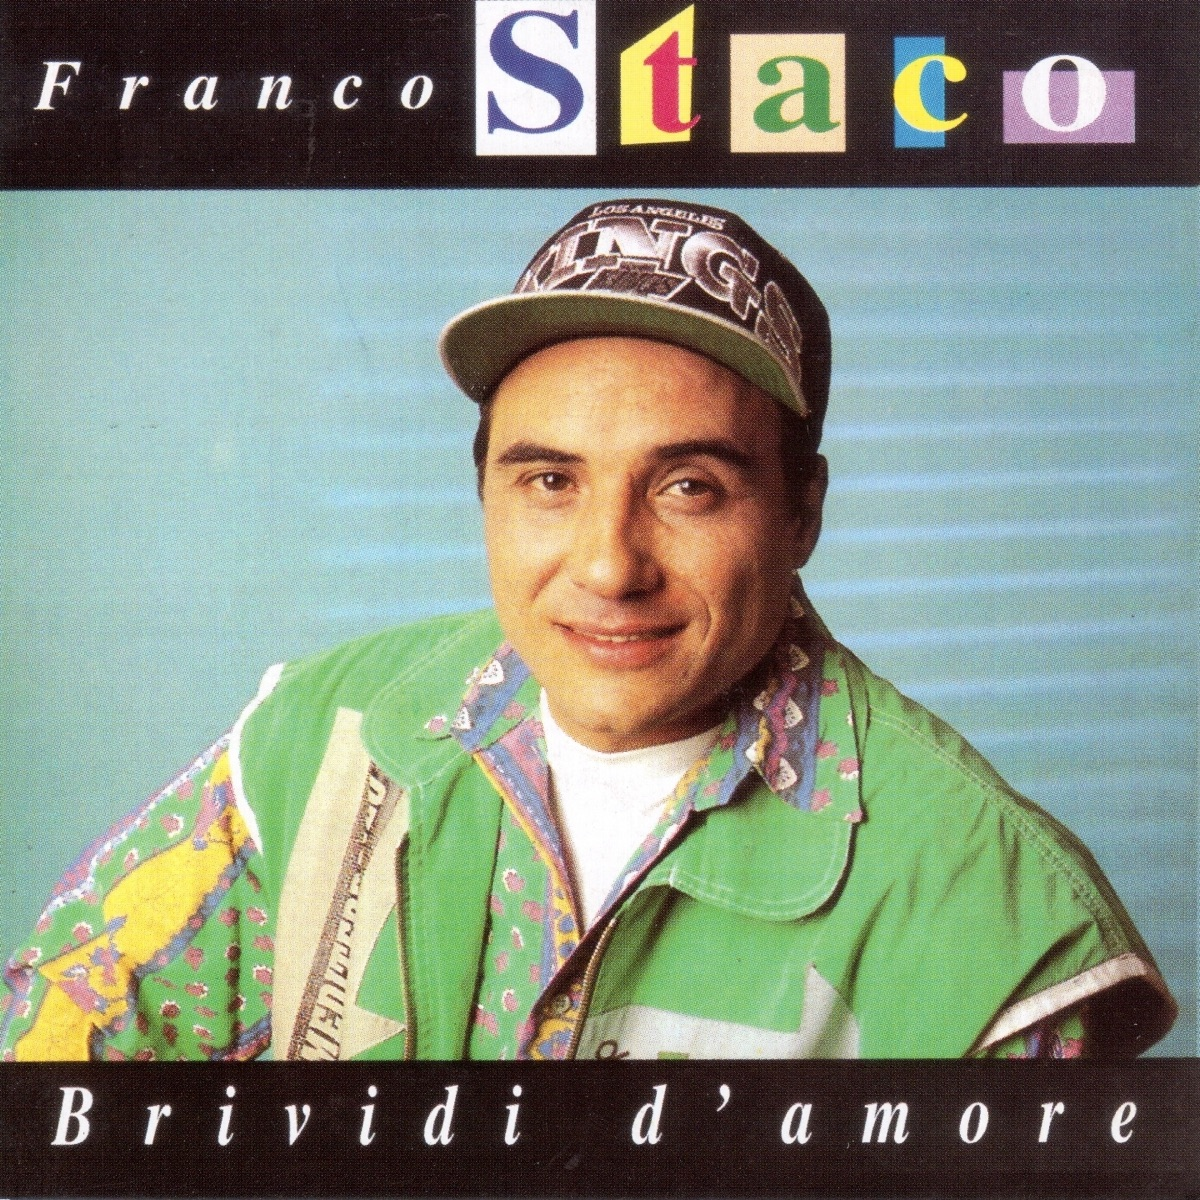 Franco Staco La Foglia Di Bamb.Brividi D Amore Album Cover By Franco Staco